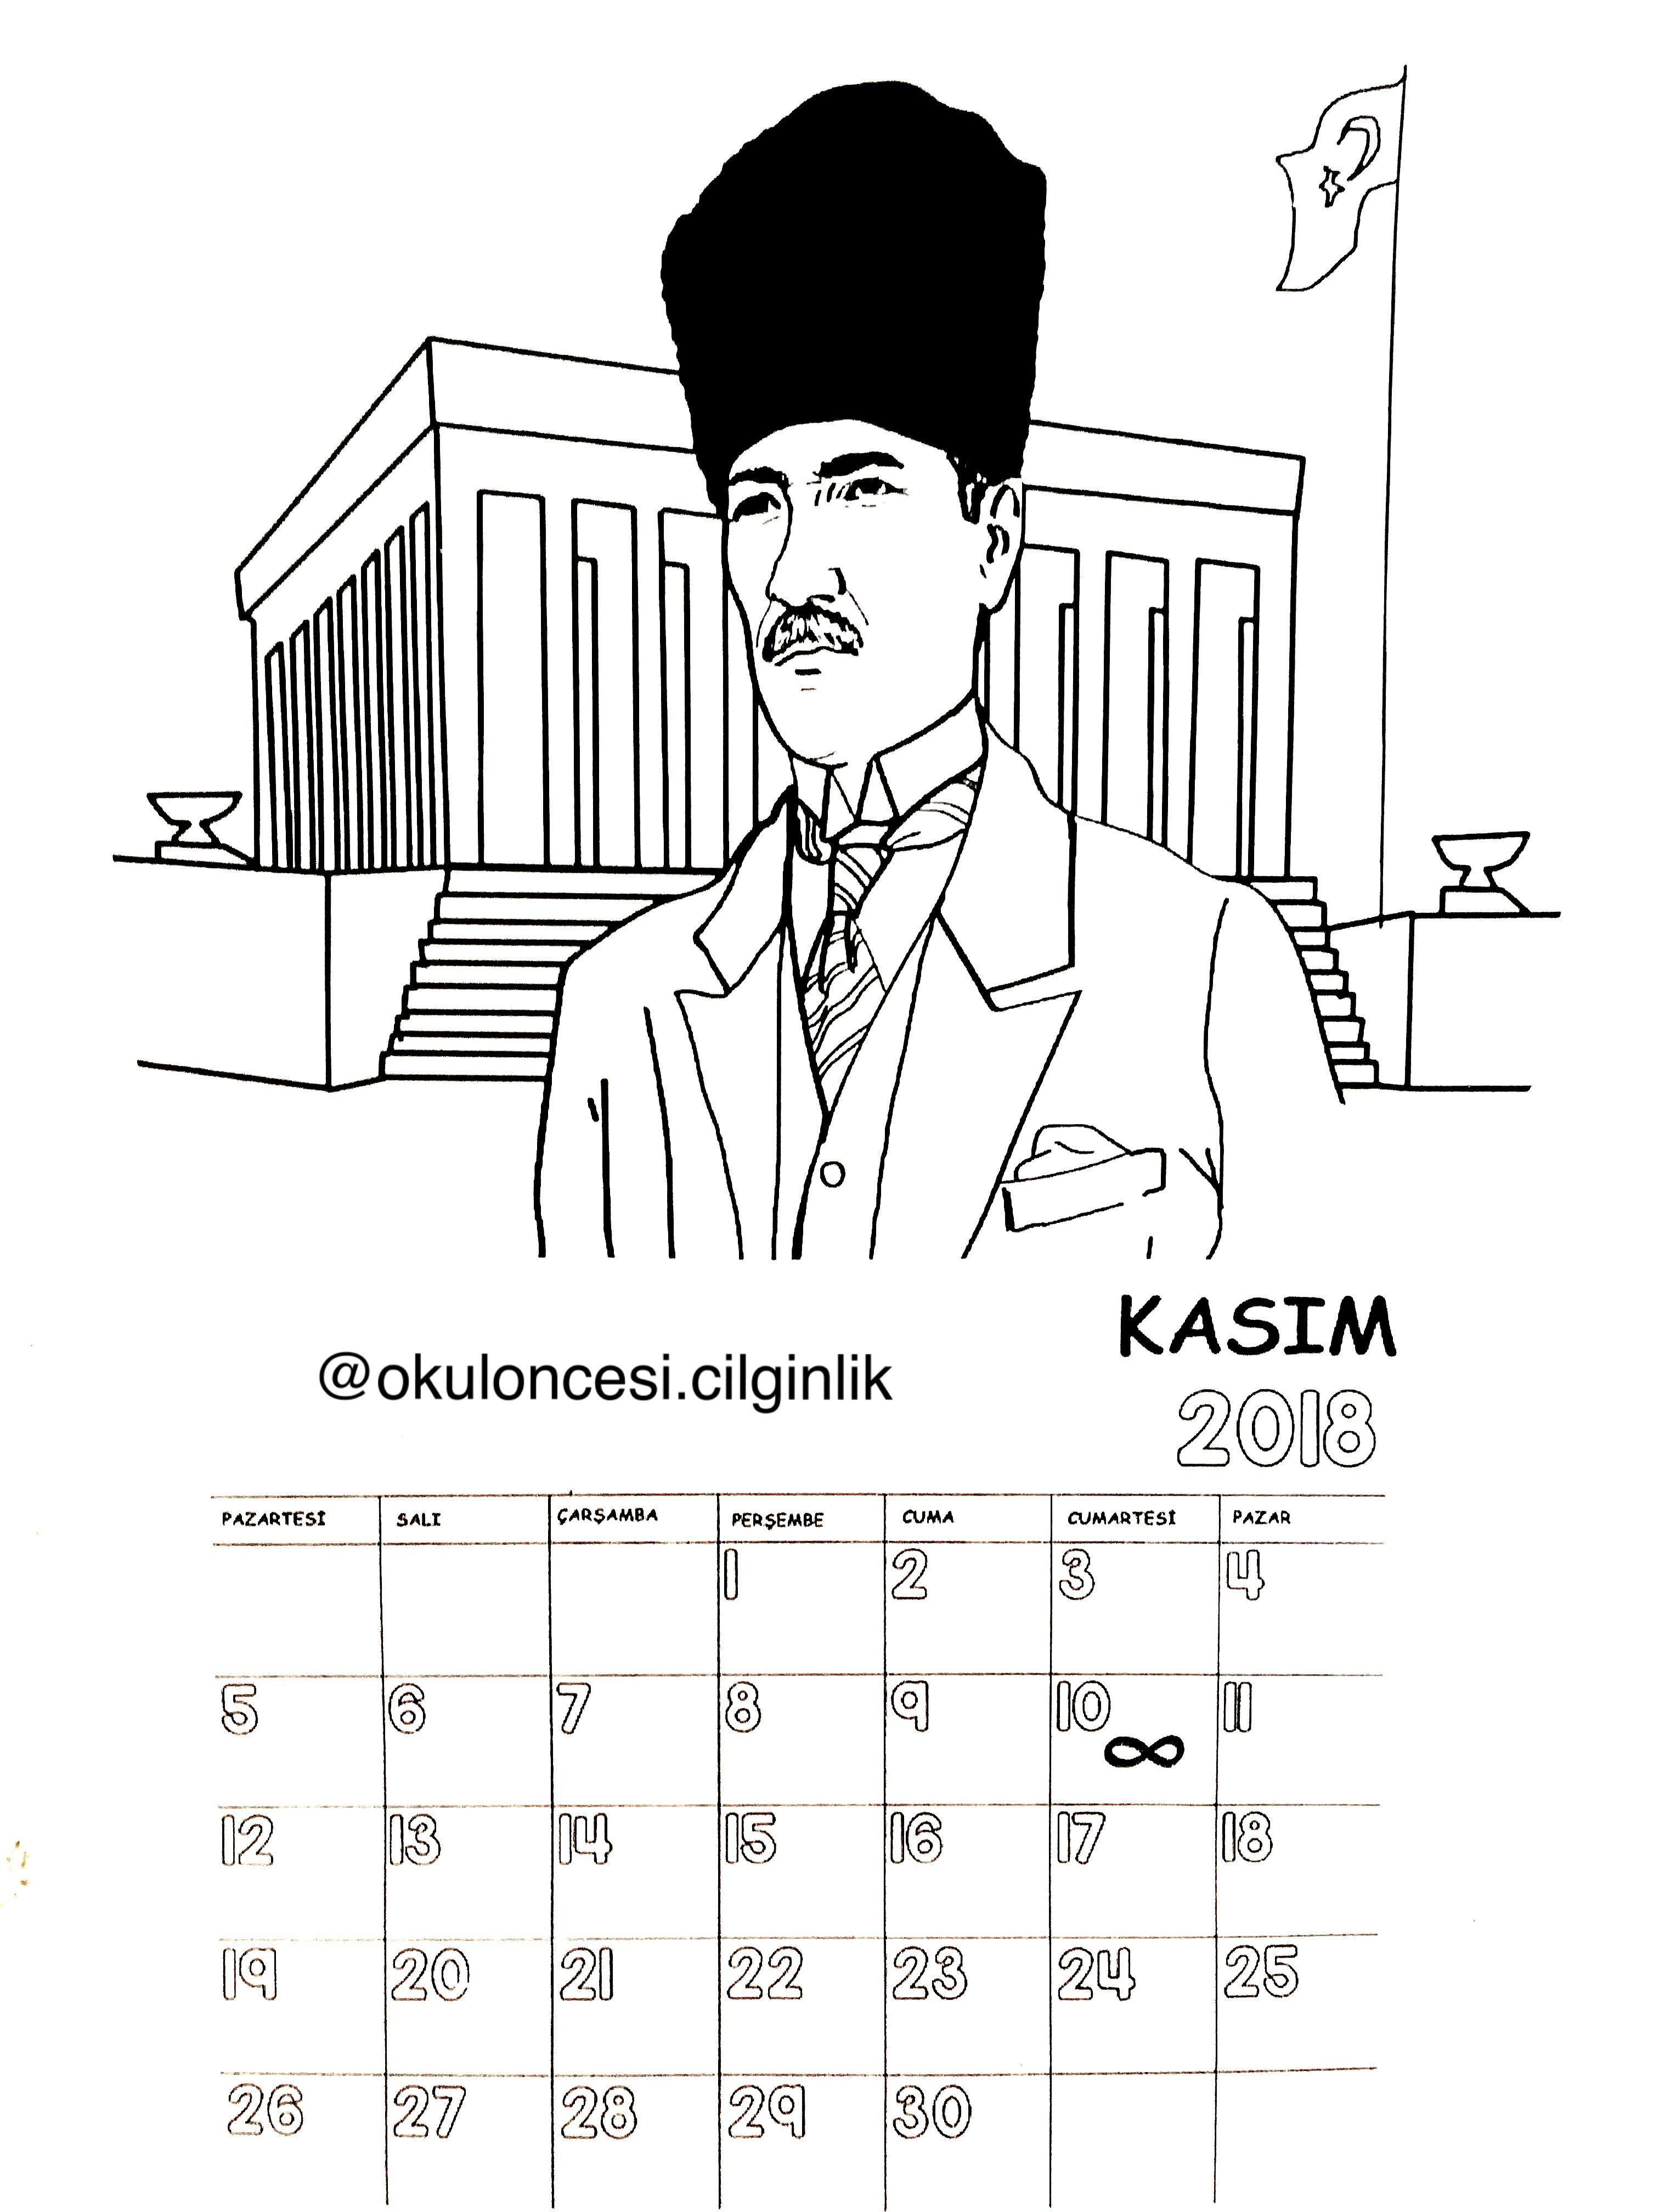 Kasim Ayi Icin Ataturk Resimli Takvimimiz Basak Unluer Ozberk Okuloncesicilginlik Okul Oncesi Okul Ortaokul